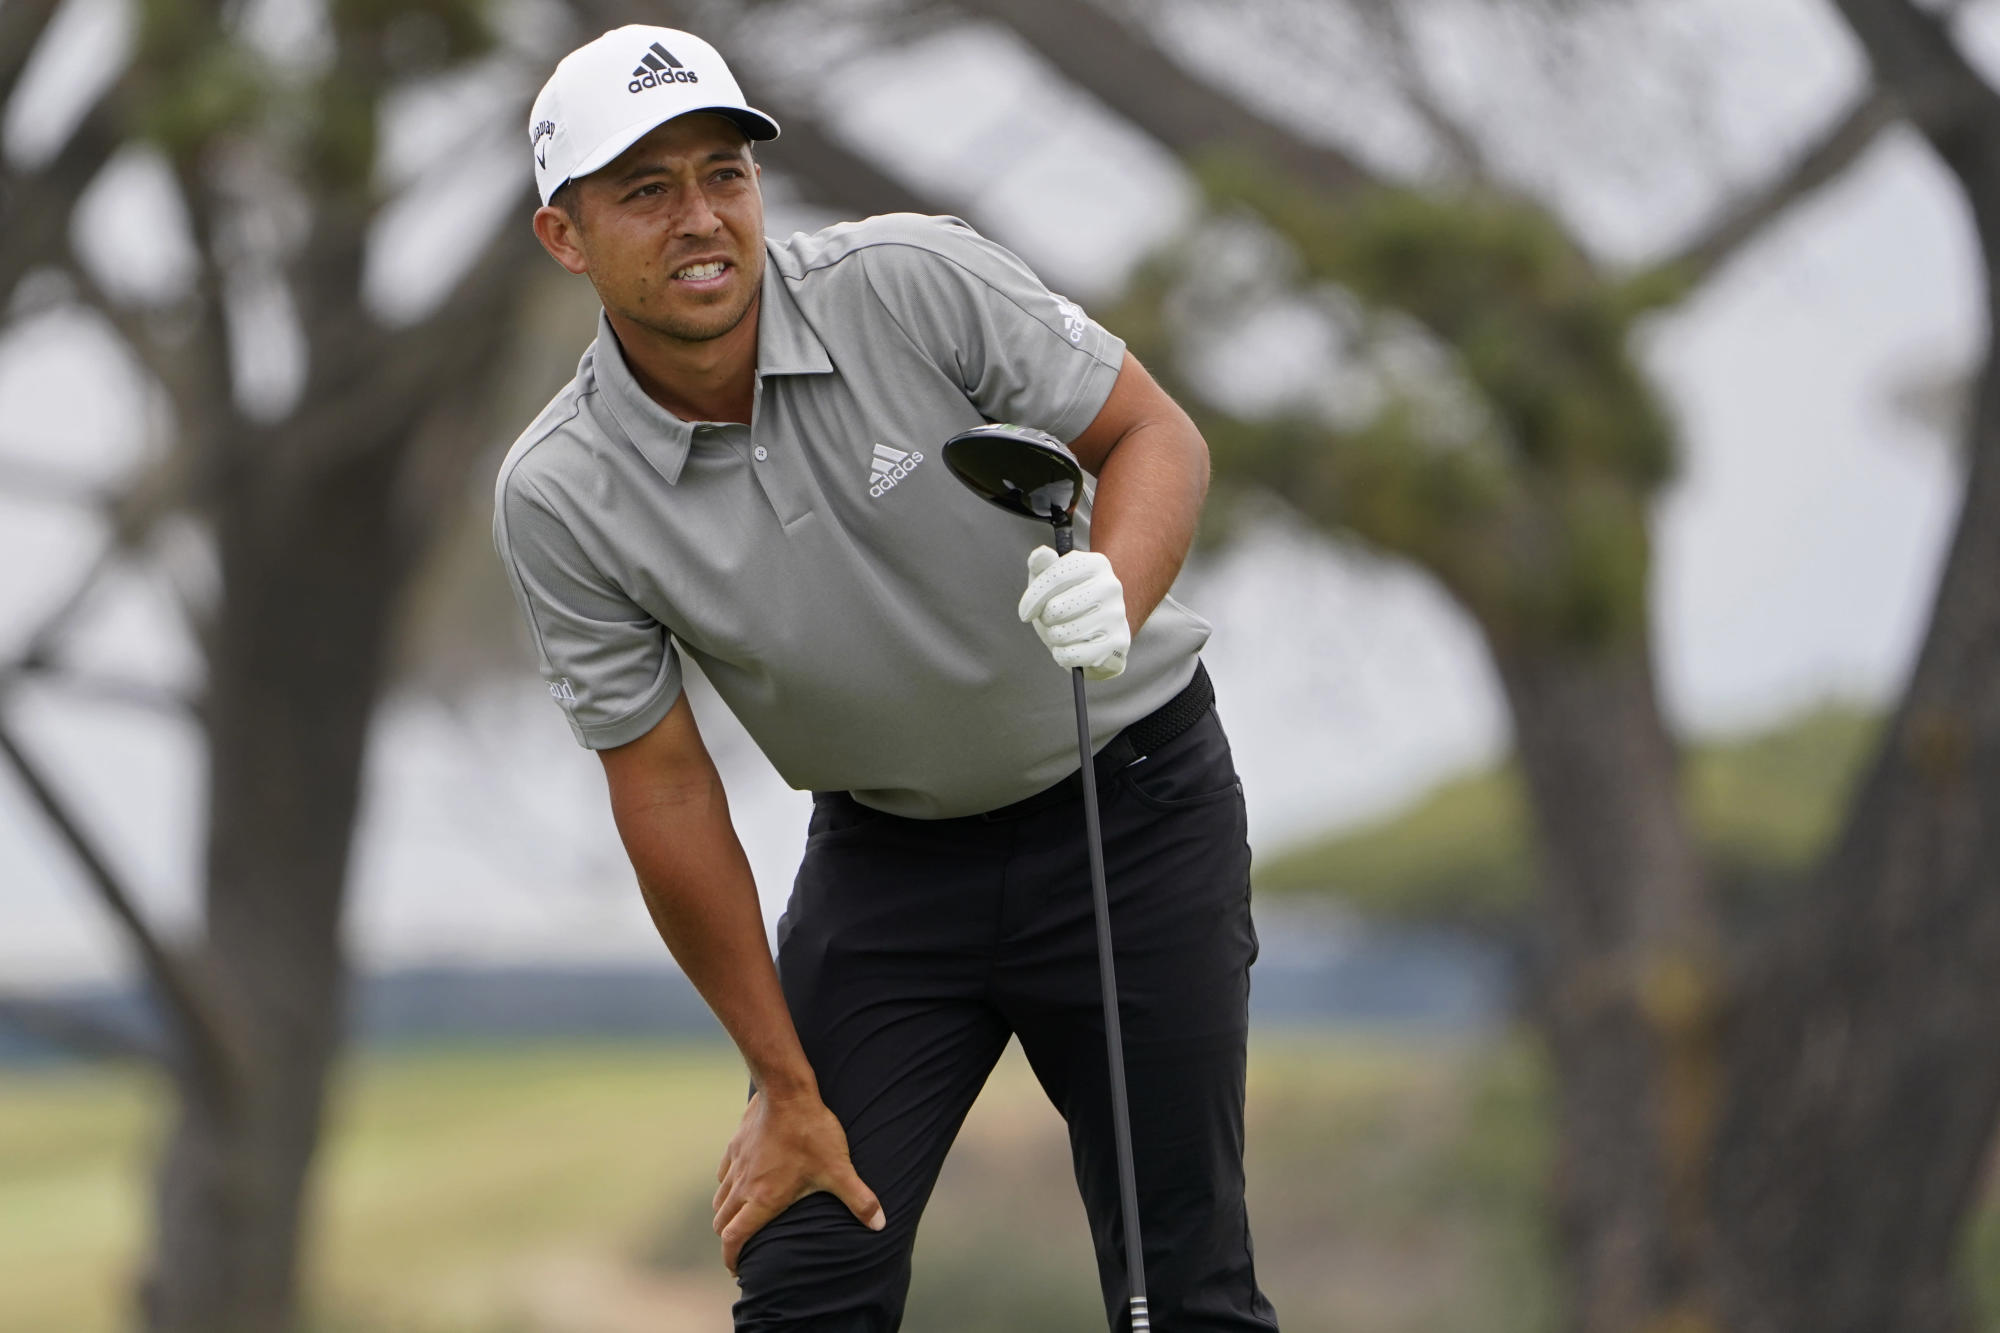 Columna: Para los golfistas estadounidenses, trabajar duro en los Juegos Olímpicos